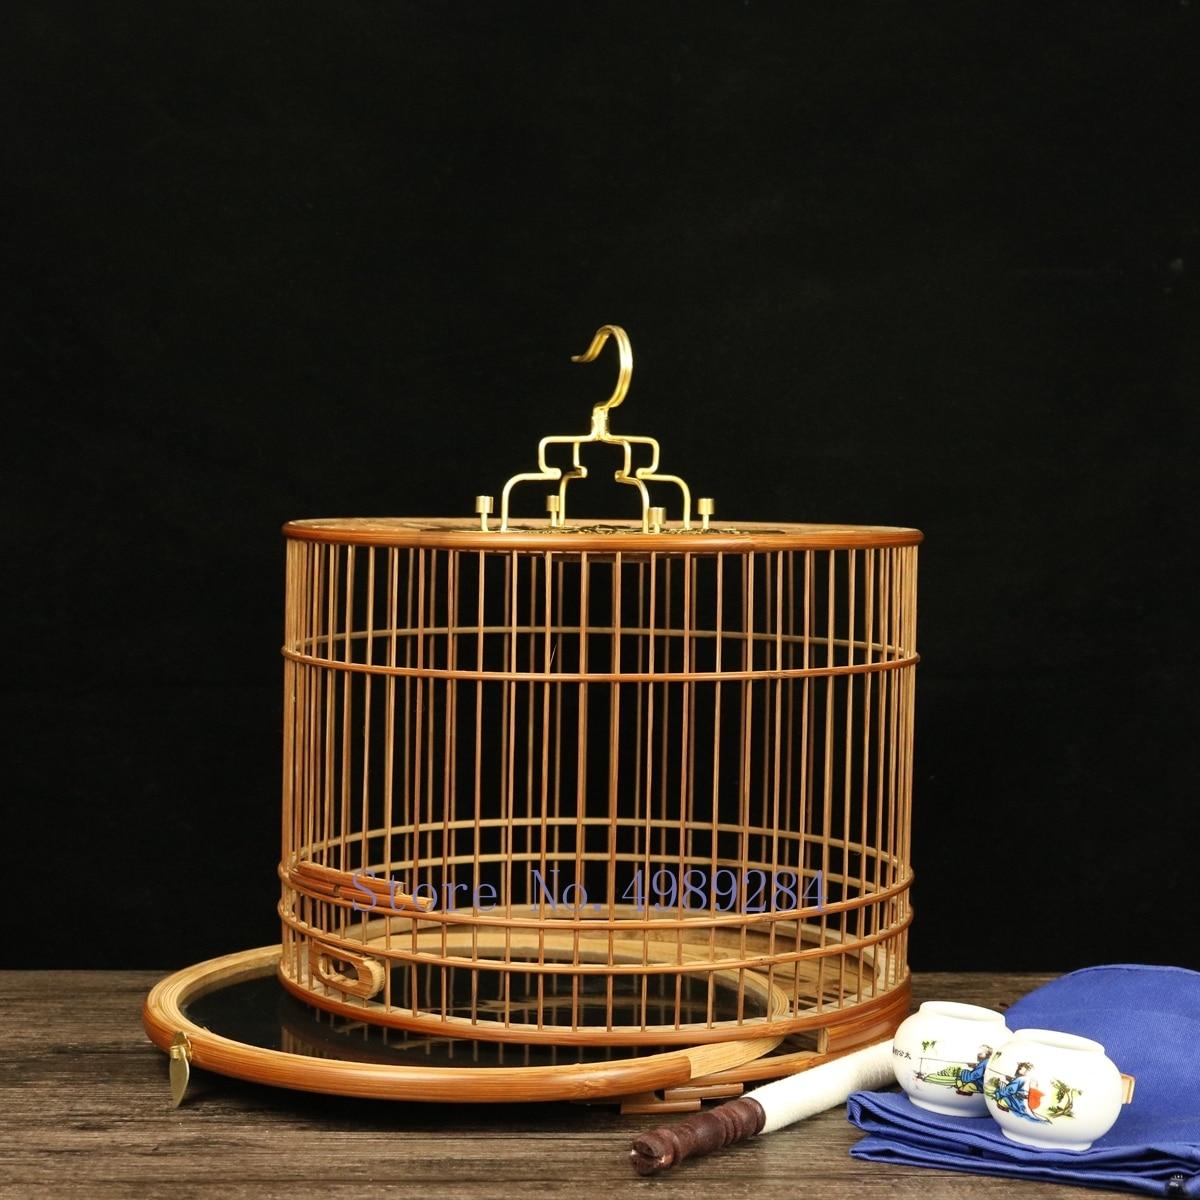 Cage à oiseaux manuelle en bambou auto assemblage polissage cage ronde fond tiroir maison décoration extérieure suspendue perroquet cage nichoir-in Cages à oiseaux et nids from Maison & Animalerie    1